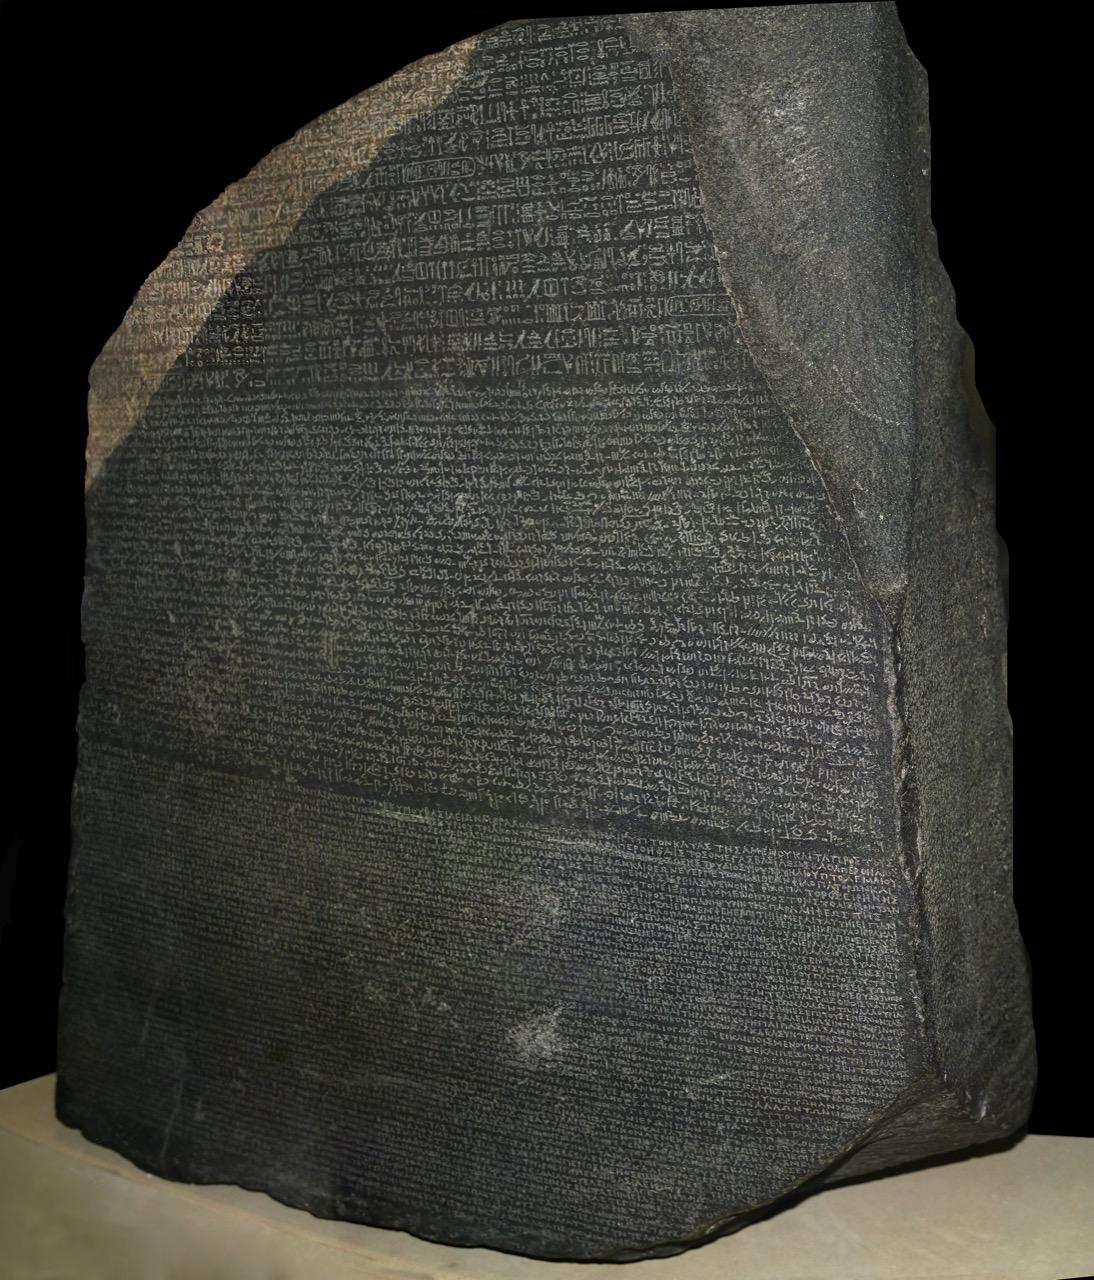 """Kamień zRosetty znajduje się wzbiorach Muzeum Brytyjskiego / Foto: """"Rosetta Stone"""" by© Hans Hillewaert. Licensed under CC BY-SA 4.0 via Commons"""